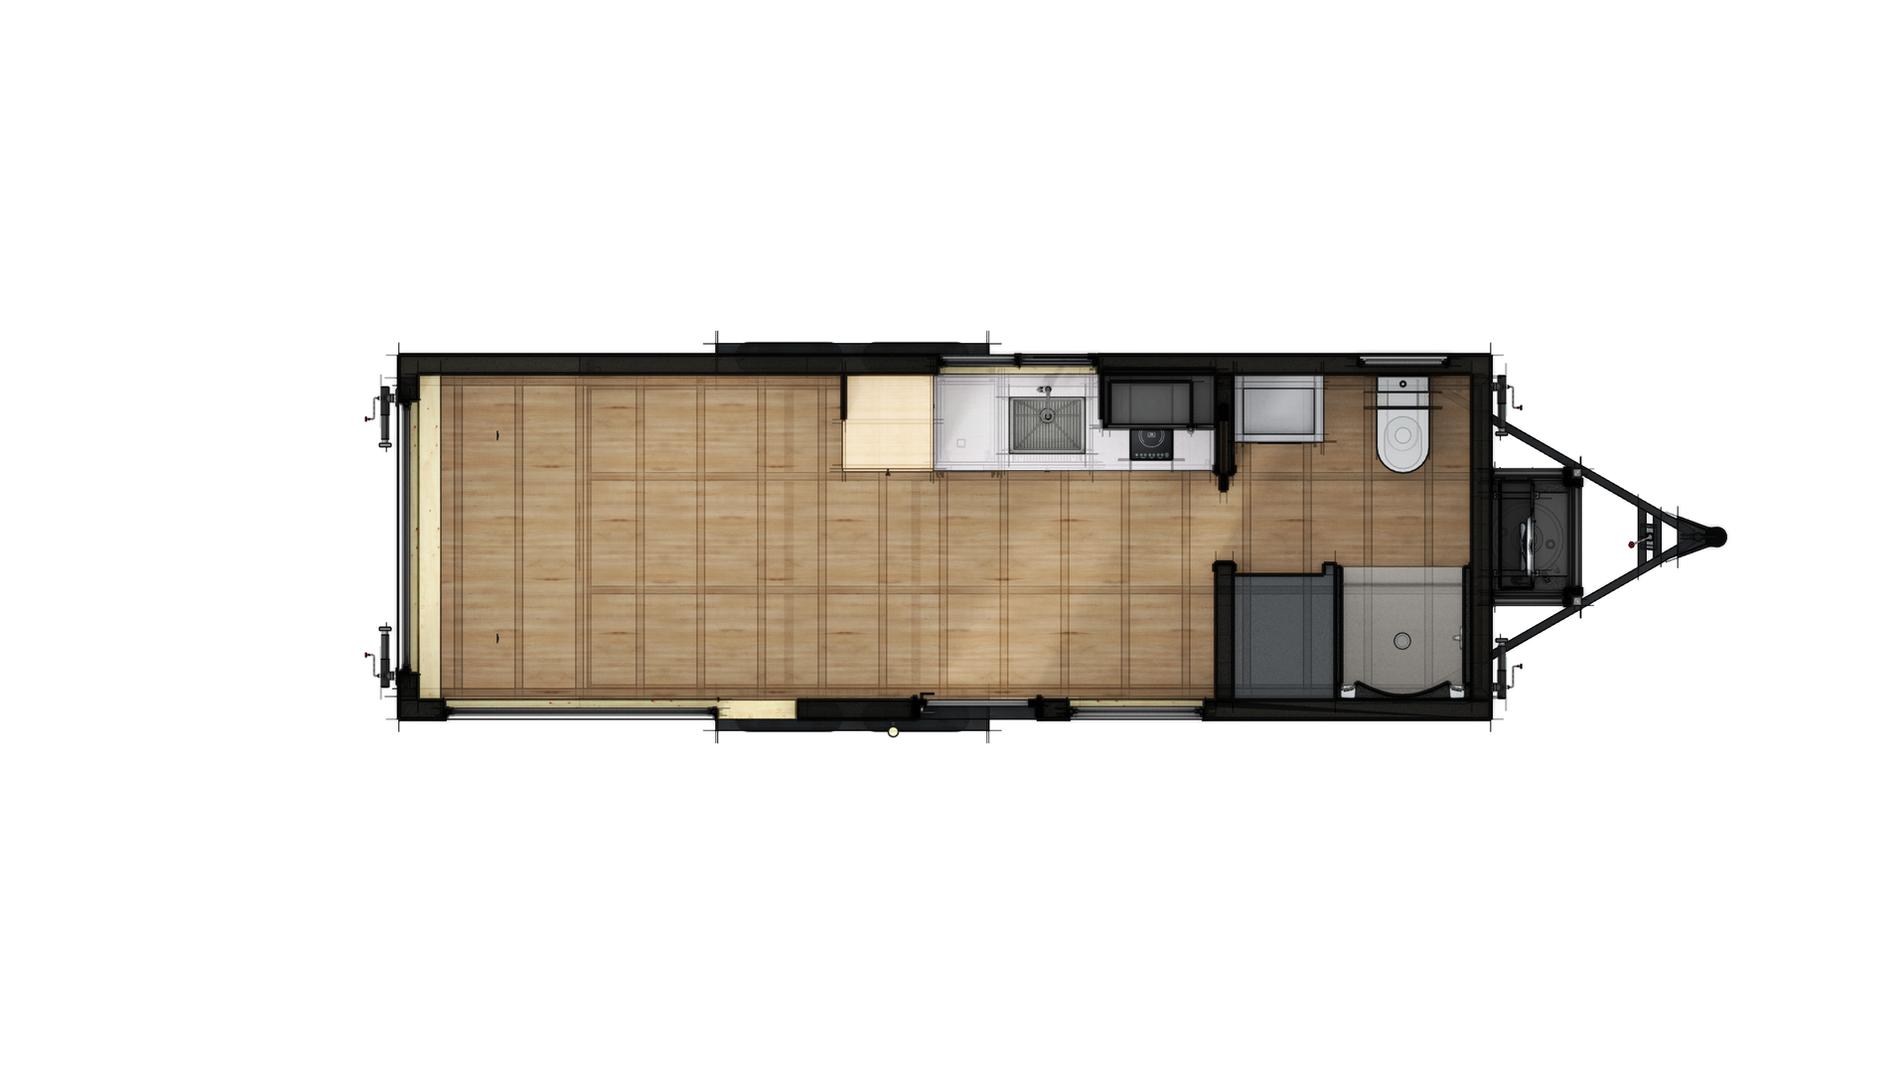 Studio 24 Floor Plan